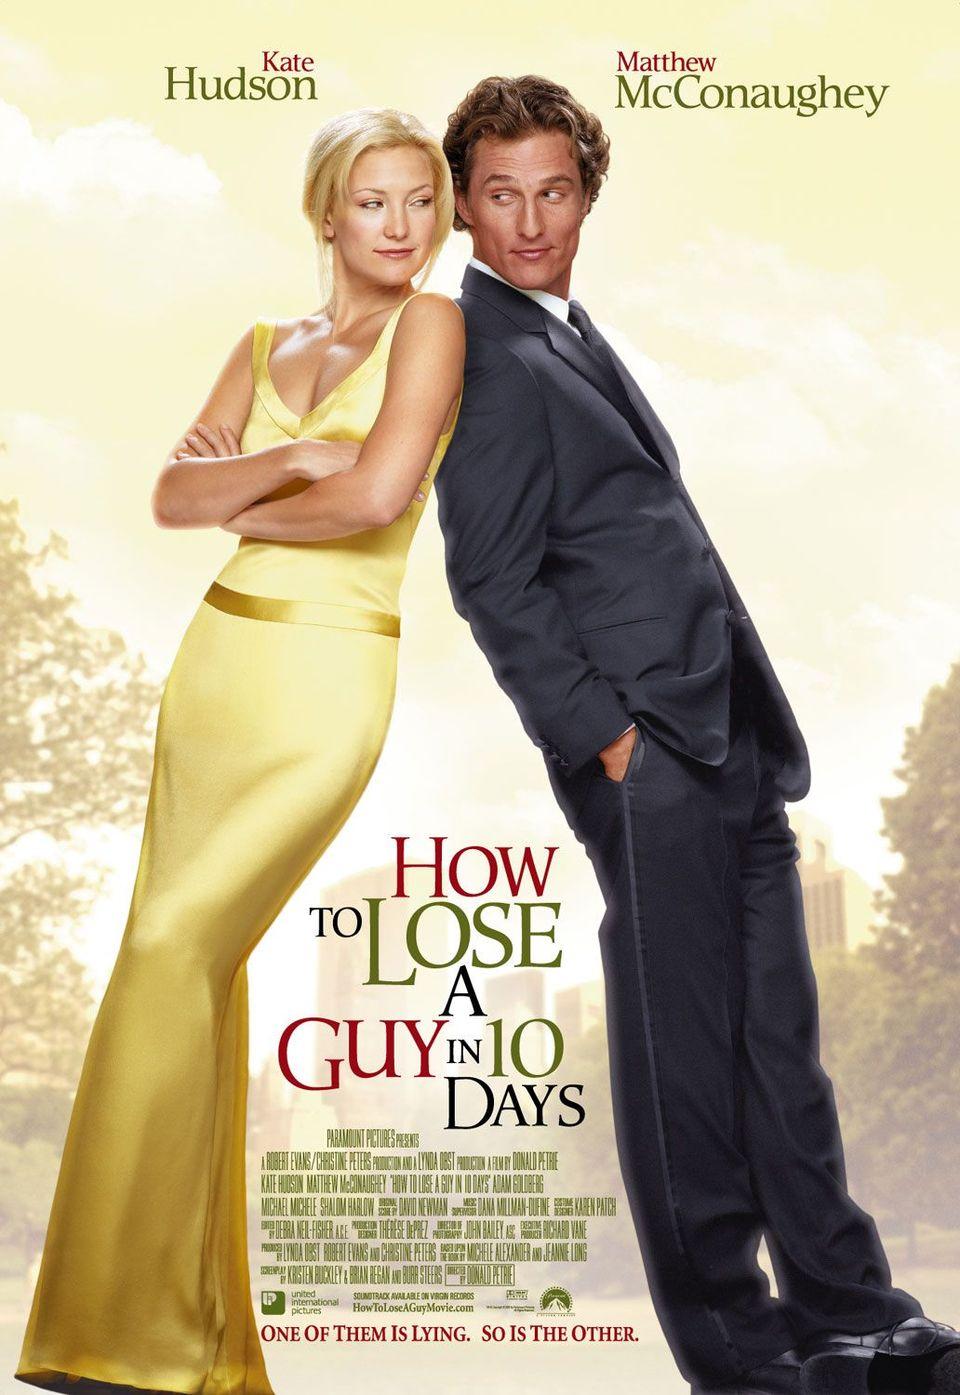 Cartel Estados Unidos de 'Cómo perder a un chico en 10 días'